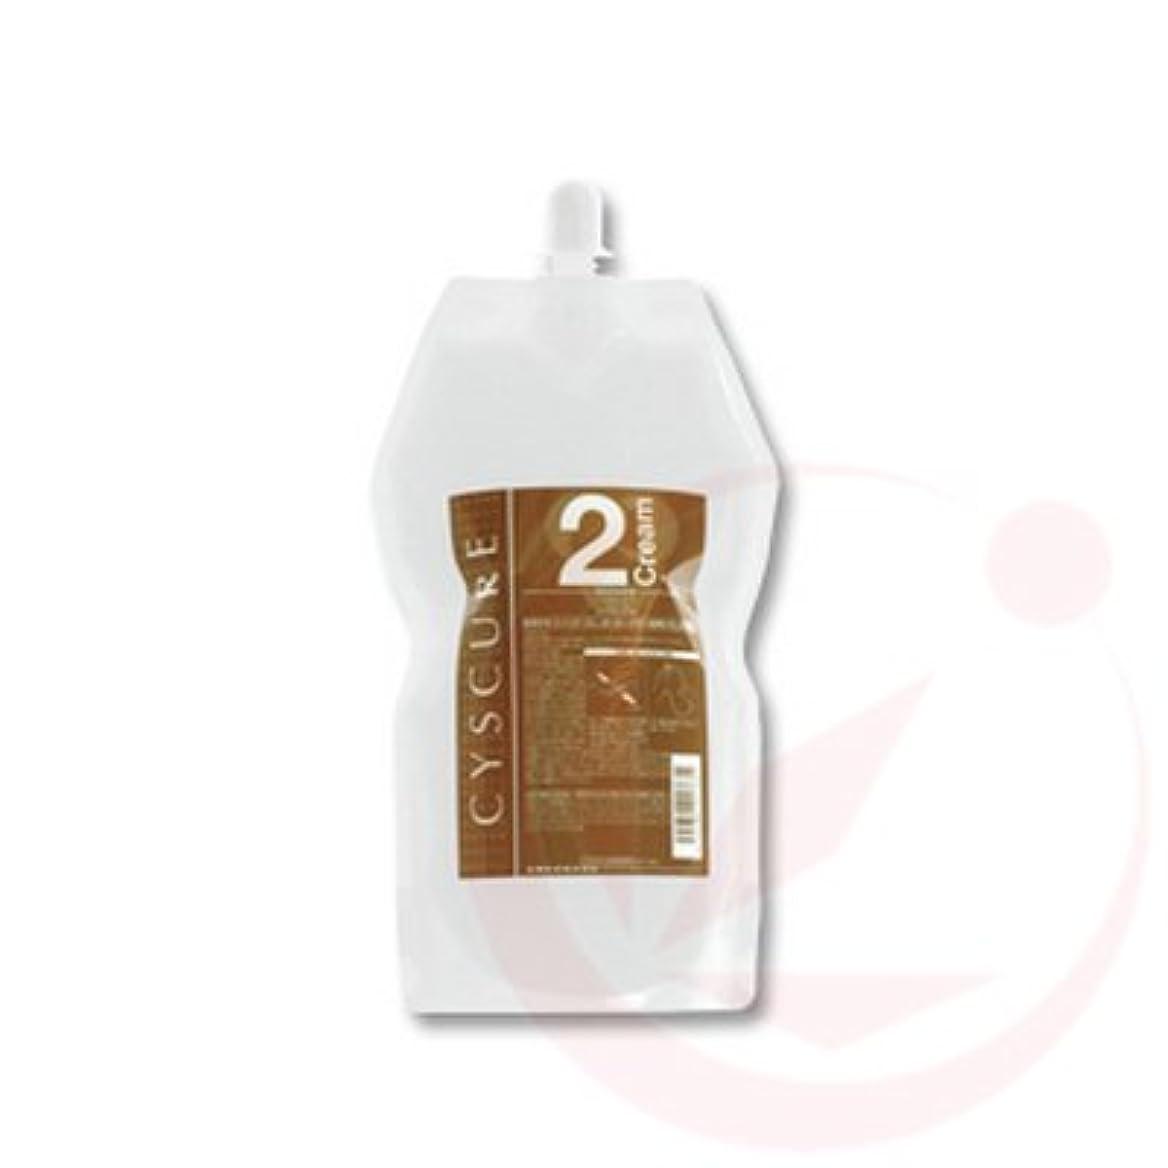 純粋な宇宙ブランド名タマリス シスキュア2クリーム 1000g (パーマ剤/2剤)